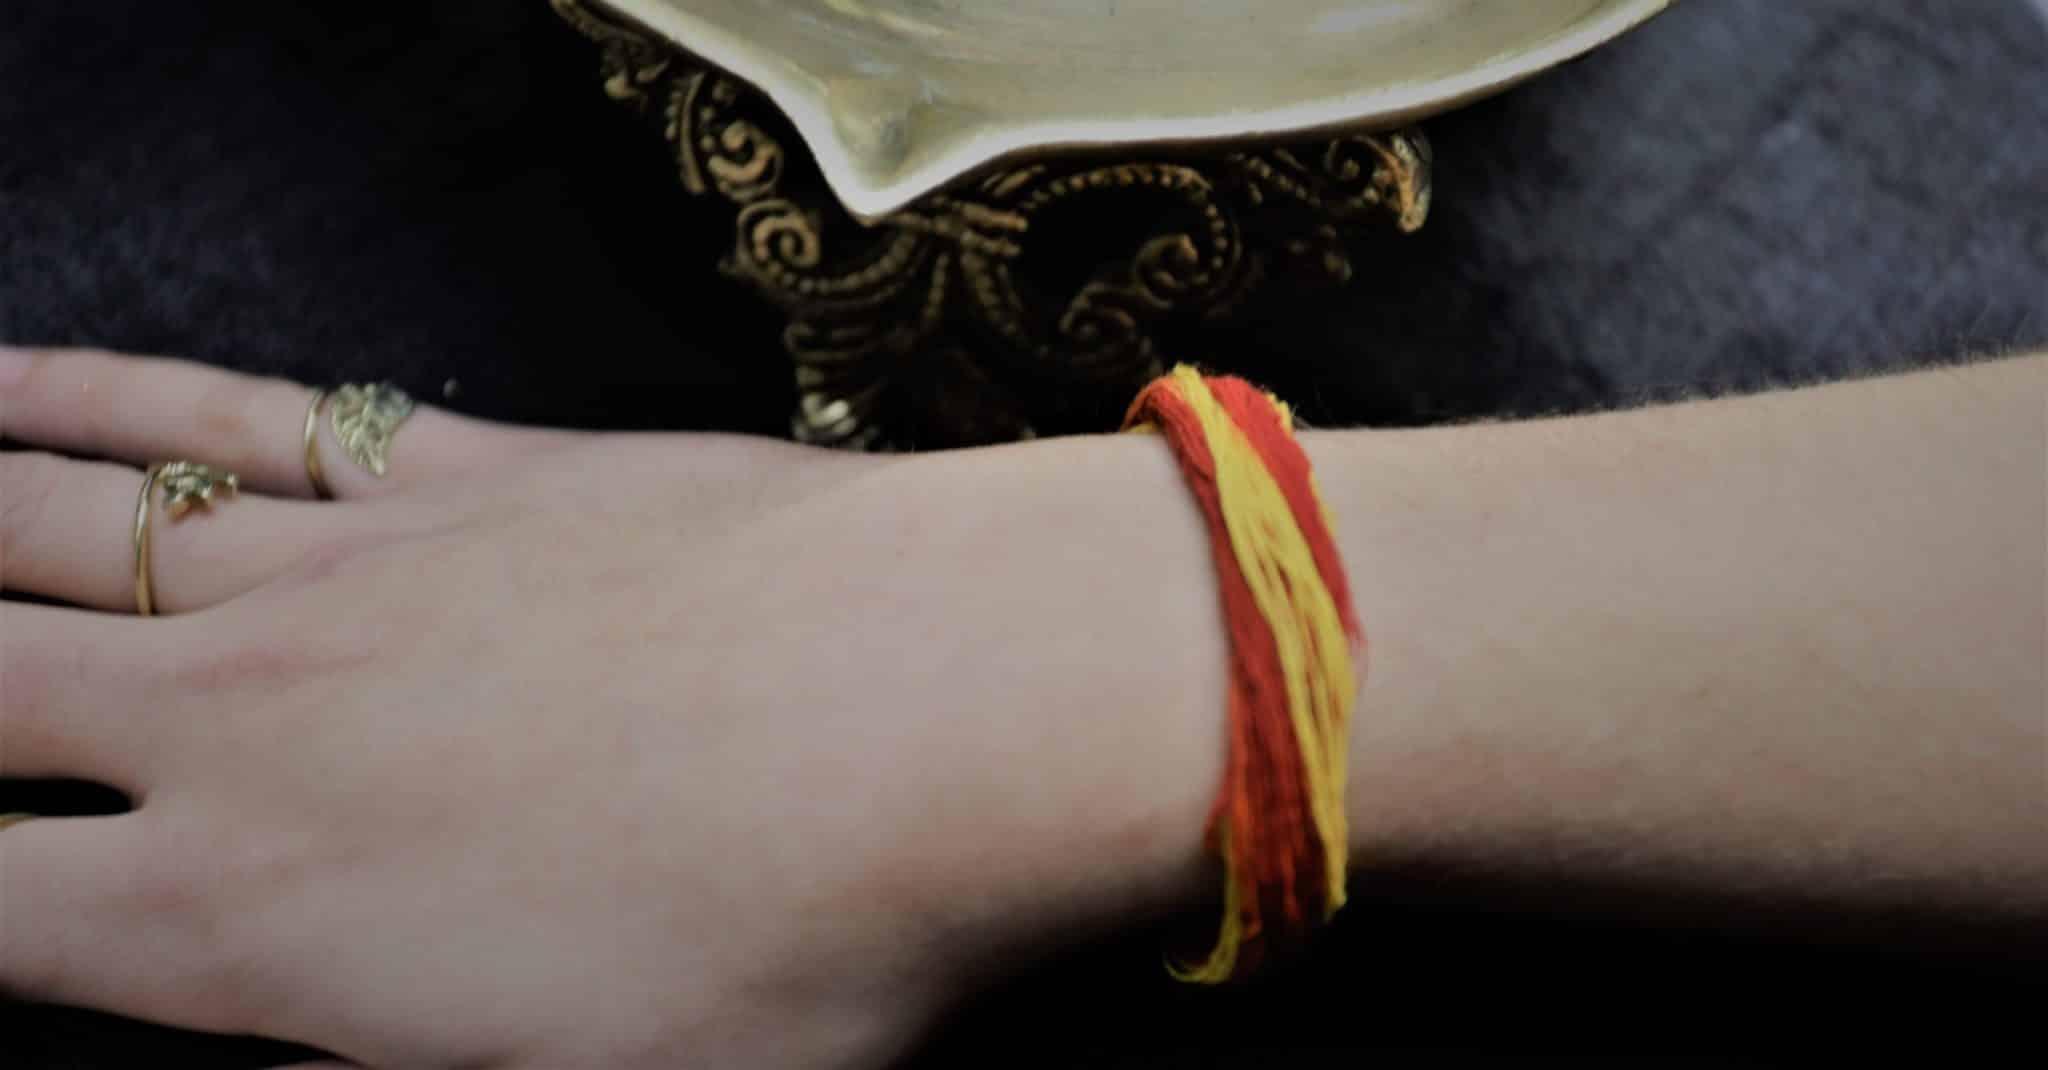 bracelet  protection hindou  achat paris mes indes galantes